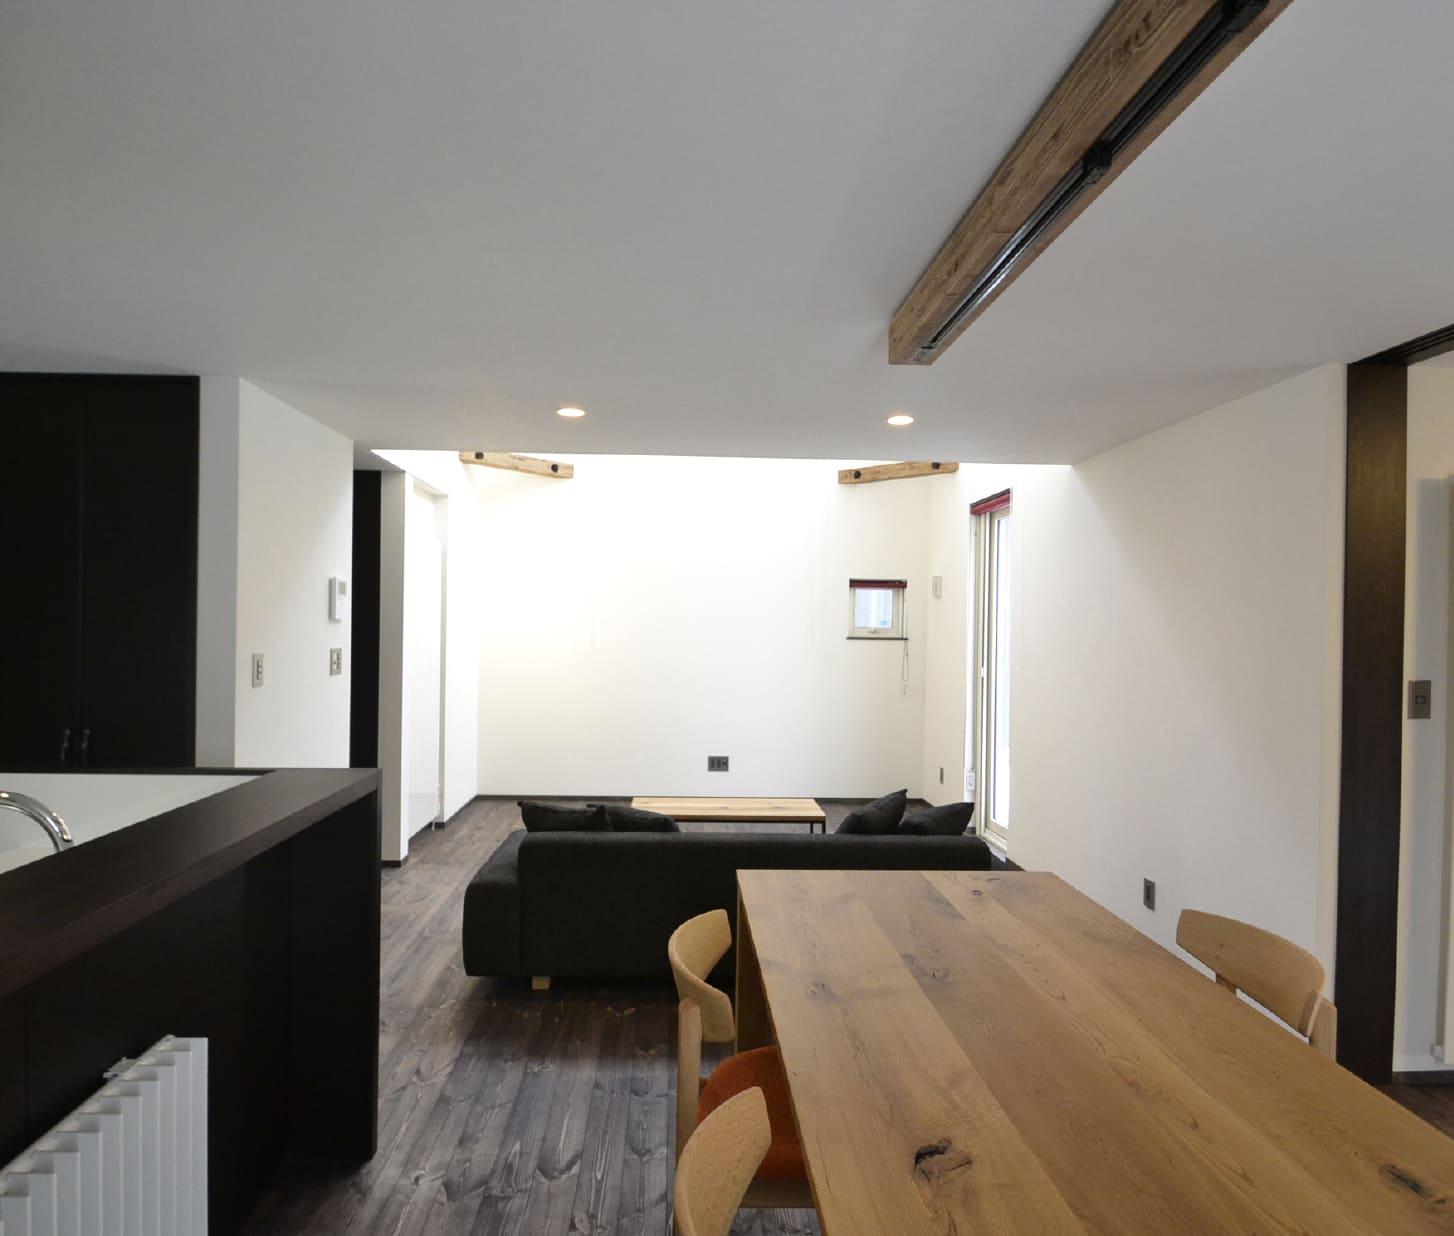 住宅づくりの考え方そのものを効率化して造られる規格化住宅